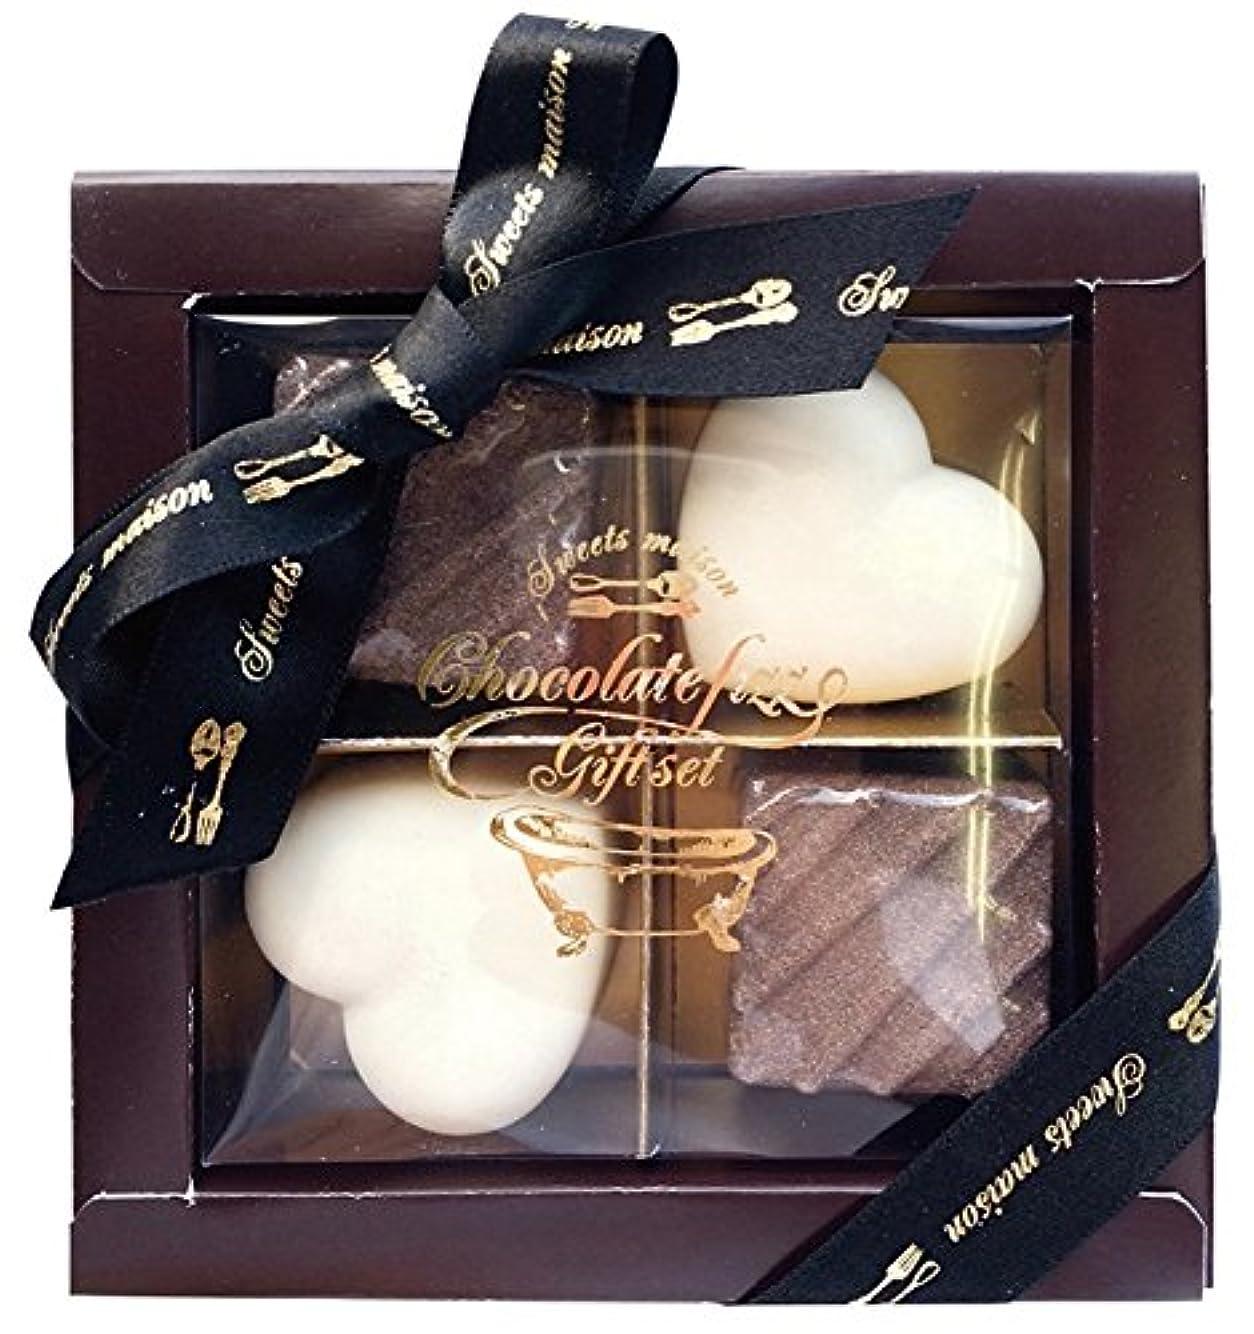 立方体ビット天国ノルコーポレーション 入浴剤 ギフトセット チョコレートフィズ ブラウンボックス OB-SMG-5-1